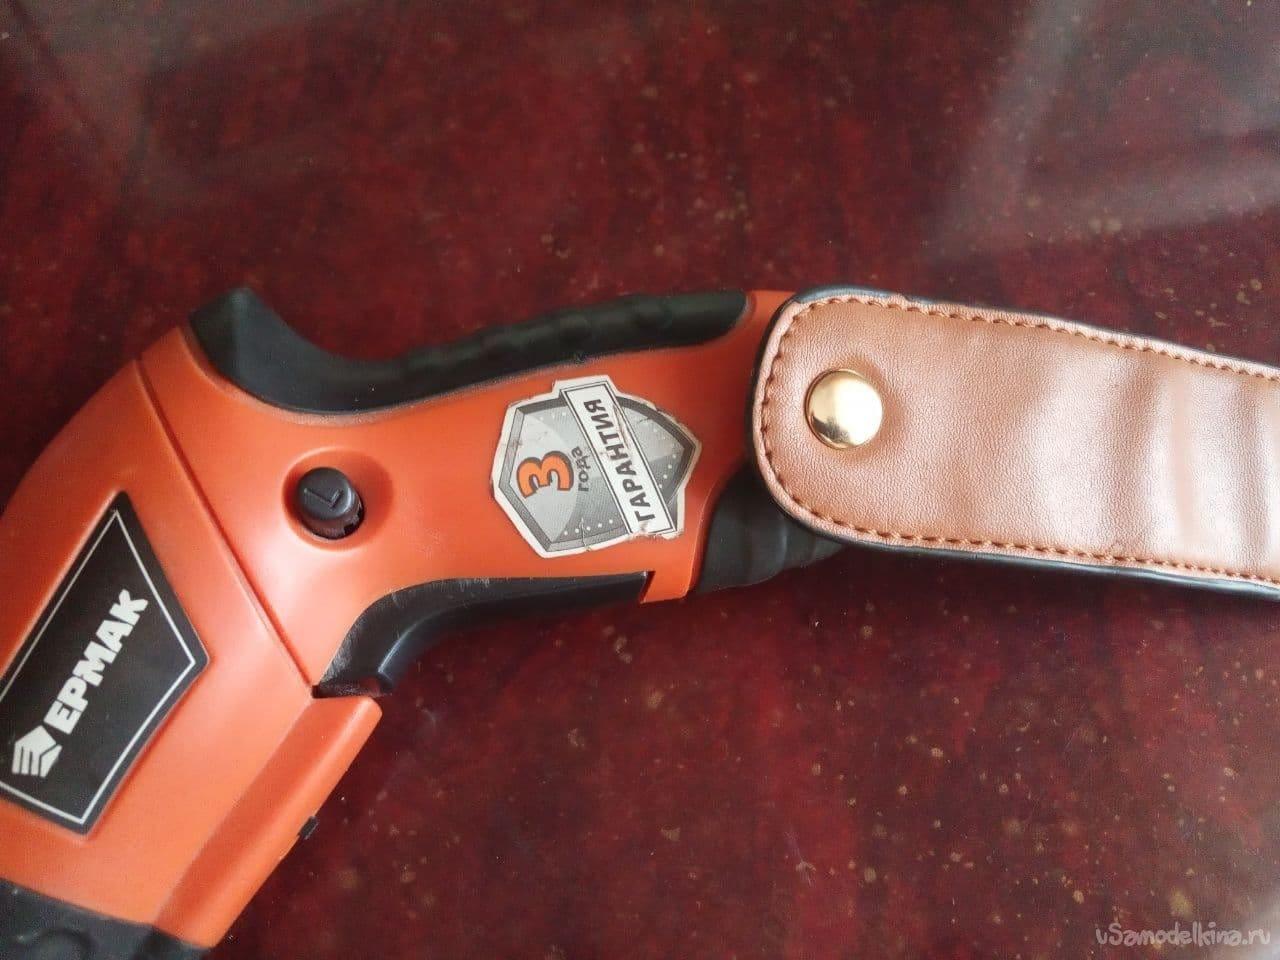 Magnetic holder for screwdriver